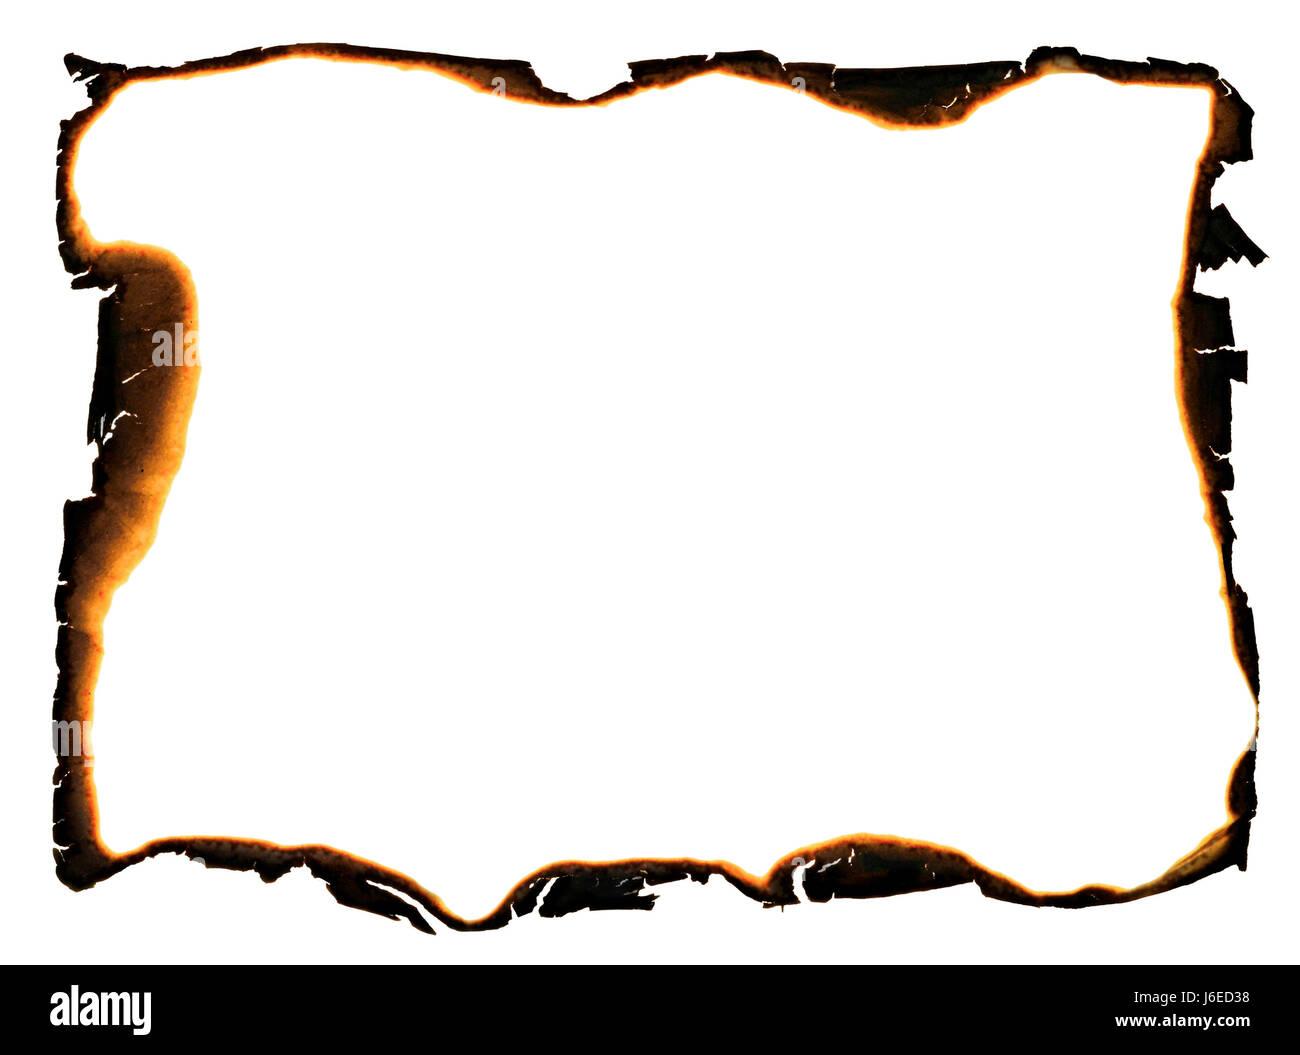 grafischen rostige Kanten Frame zerlumpten auffällig piktografischen ...